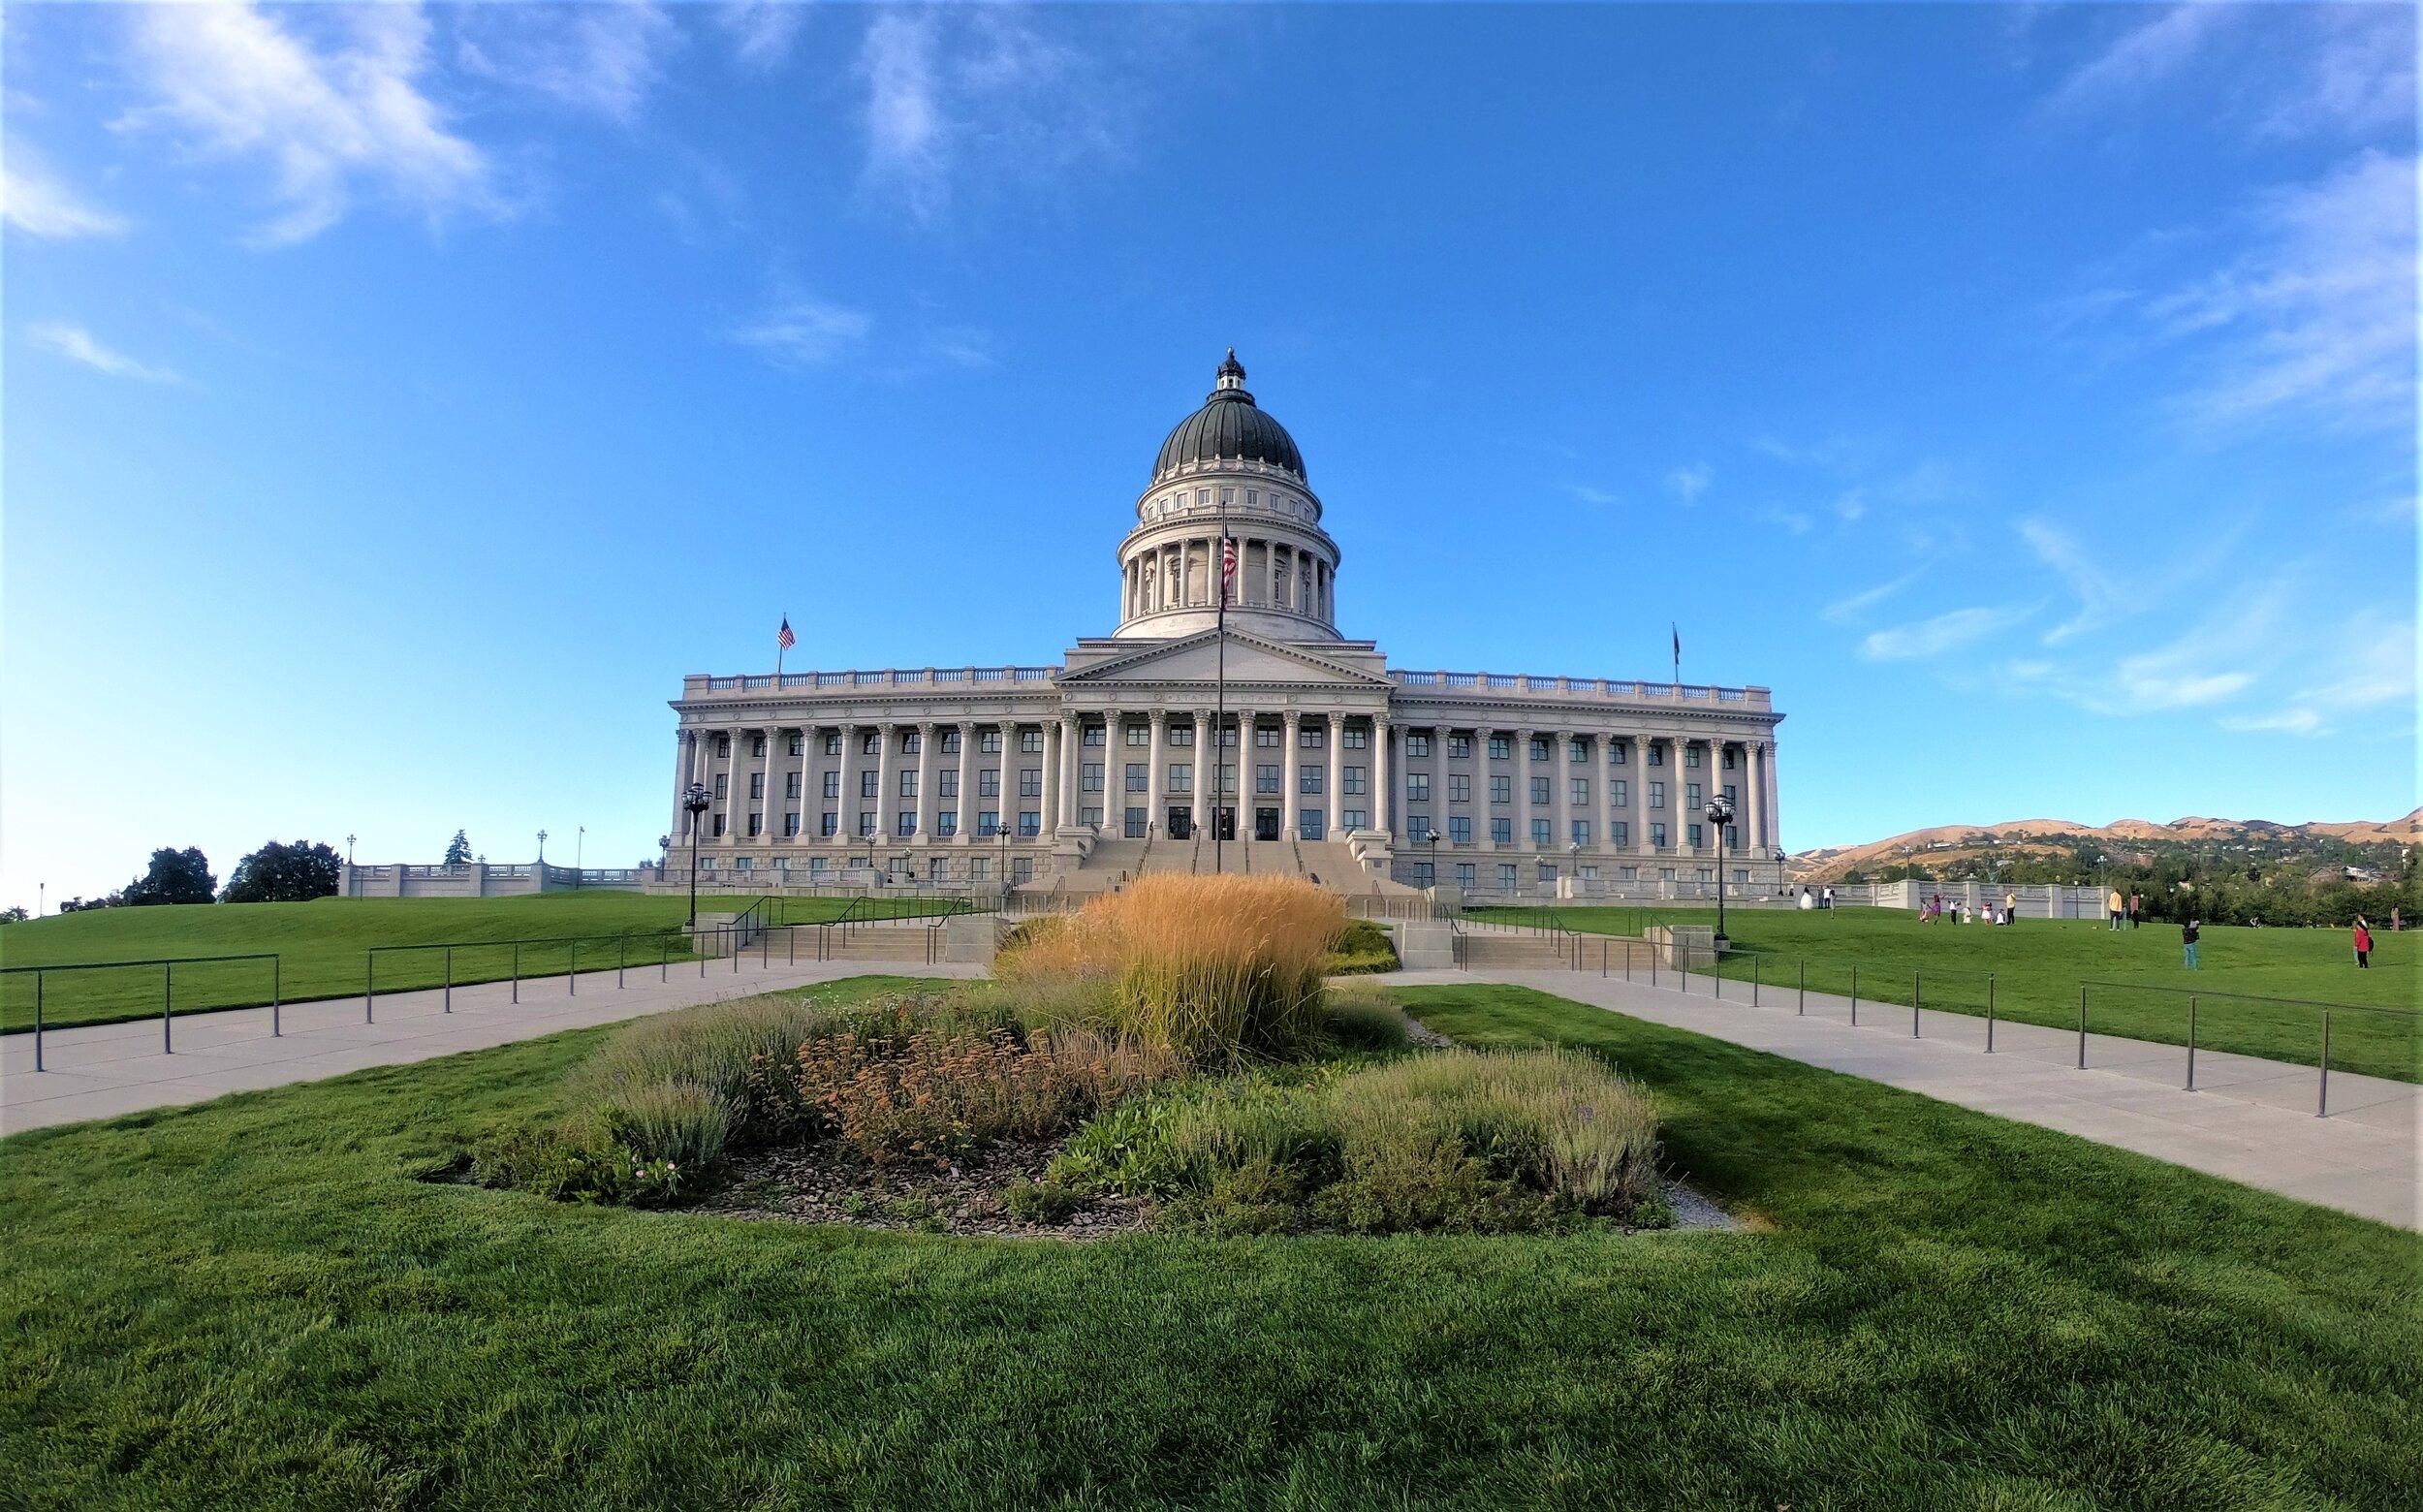 Utah State Capitol in Salt Lake City